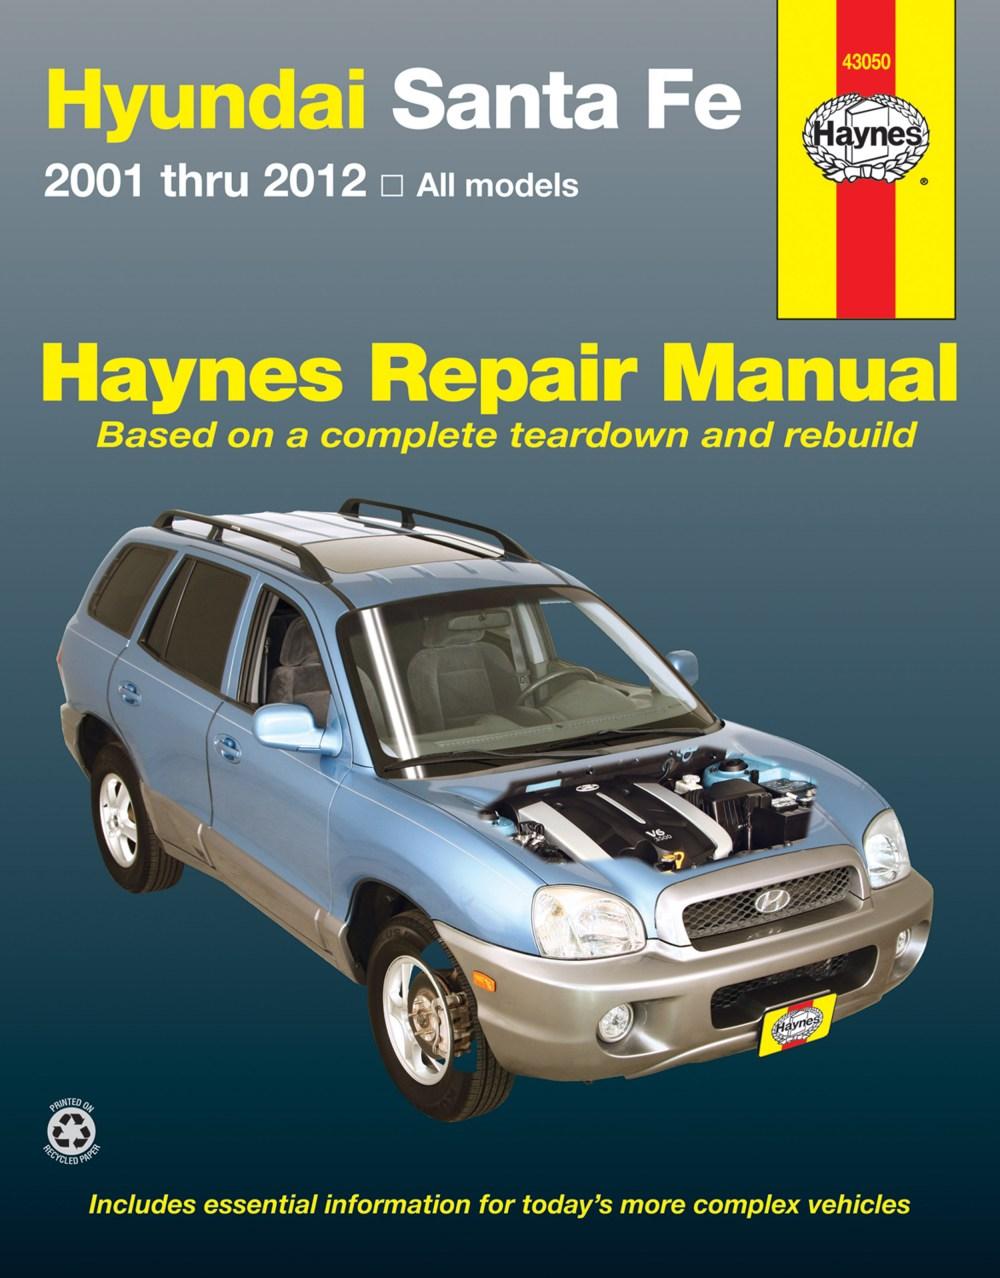 medium resolution of hyundai sante fe 01 12 haynes repair manual enlarge